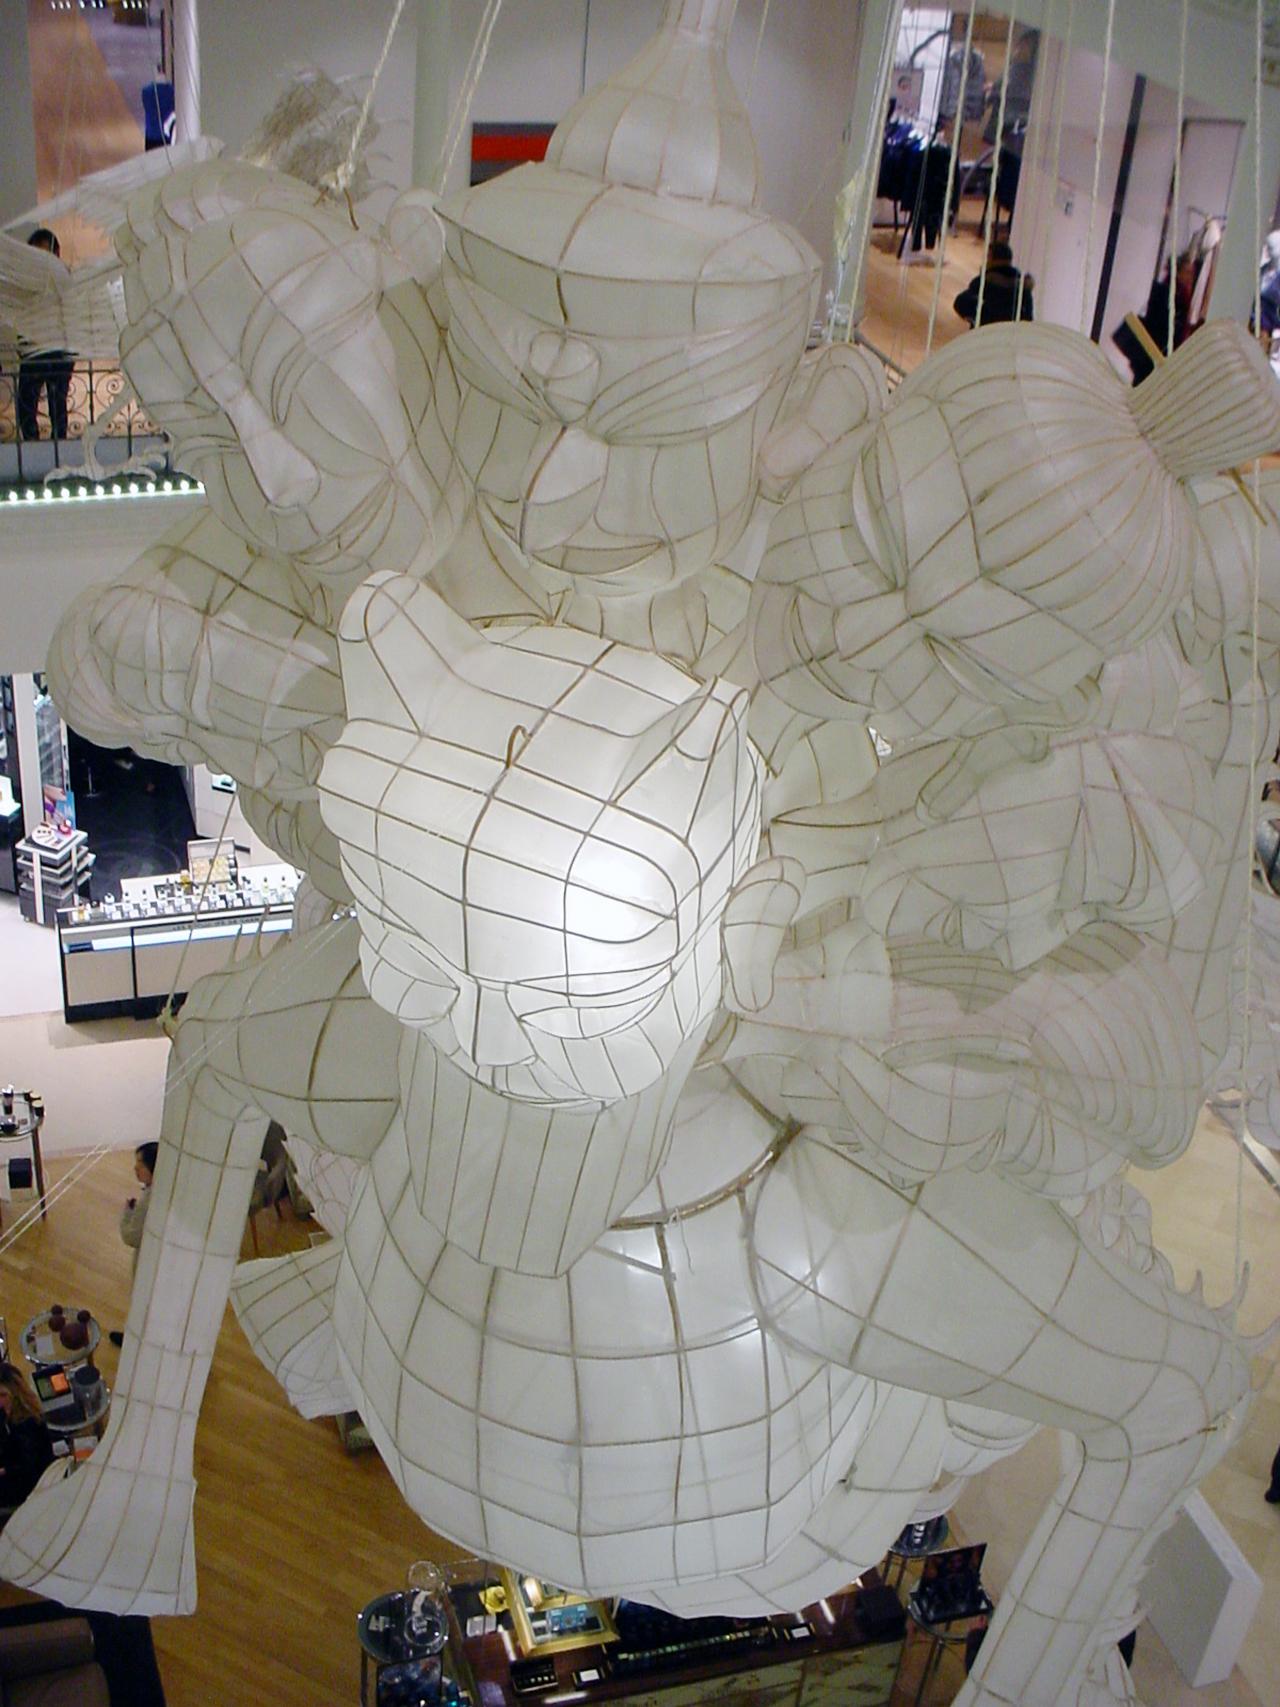 Installation view of Ai Weiwei's 'Er Xi, Air de jeux' at Le Bon Marché Rive Gauche